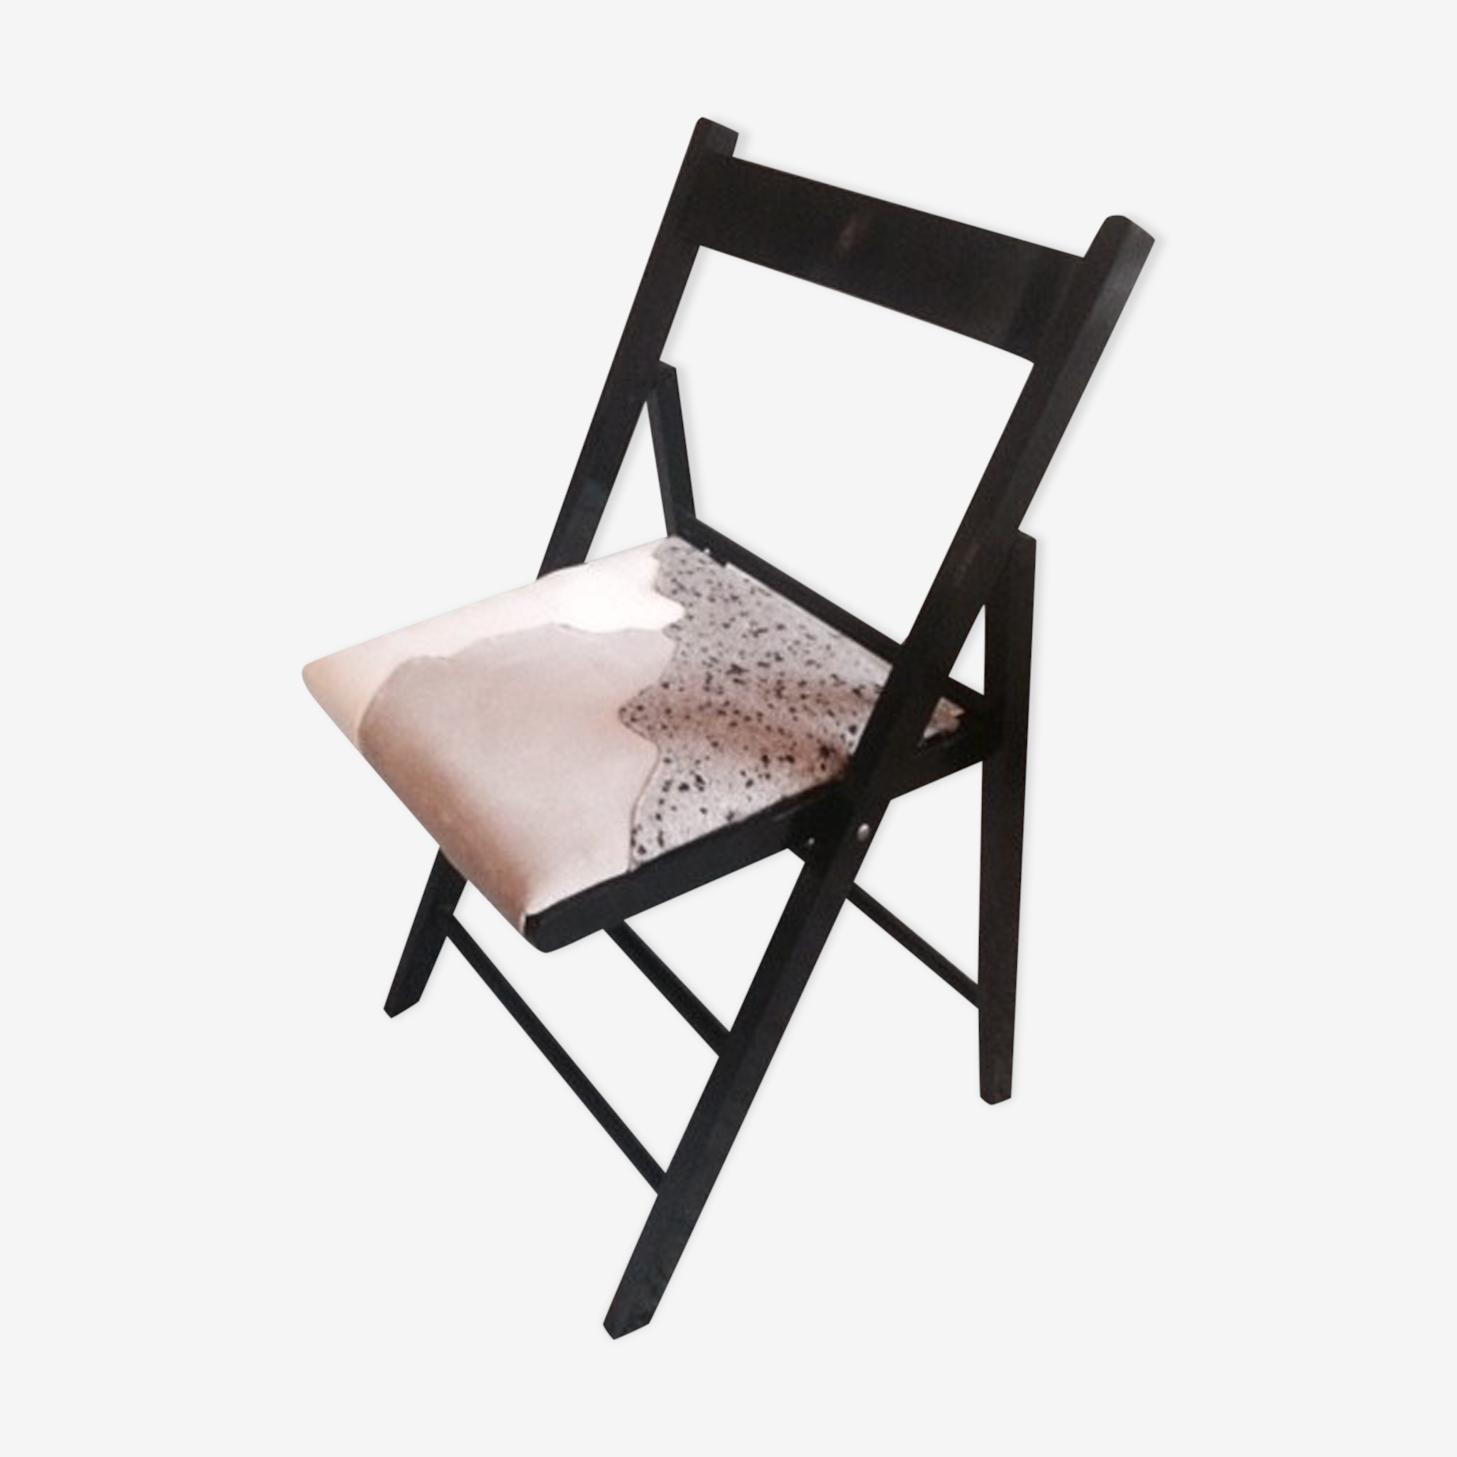 Chaise pilante noire motif graphique